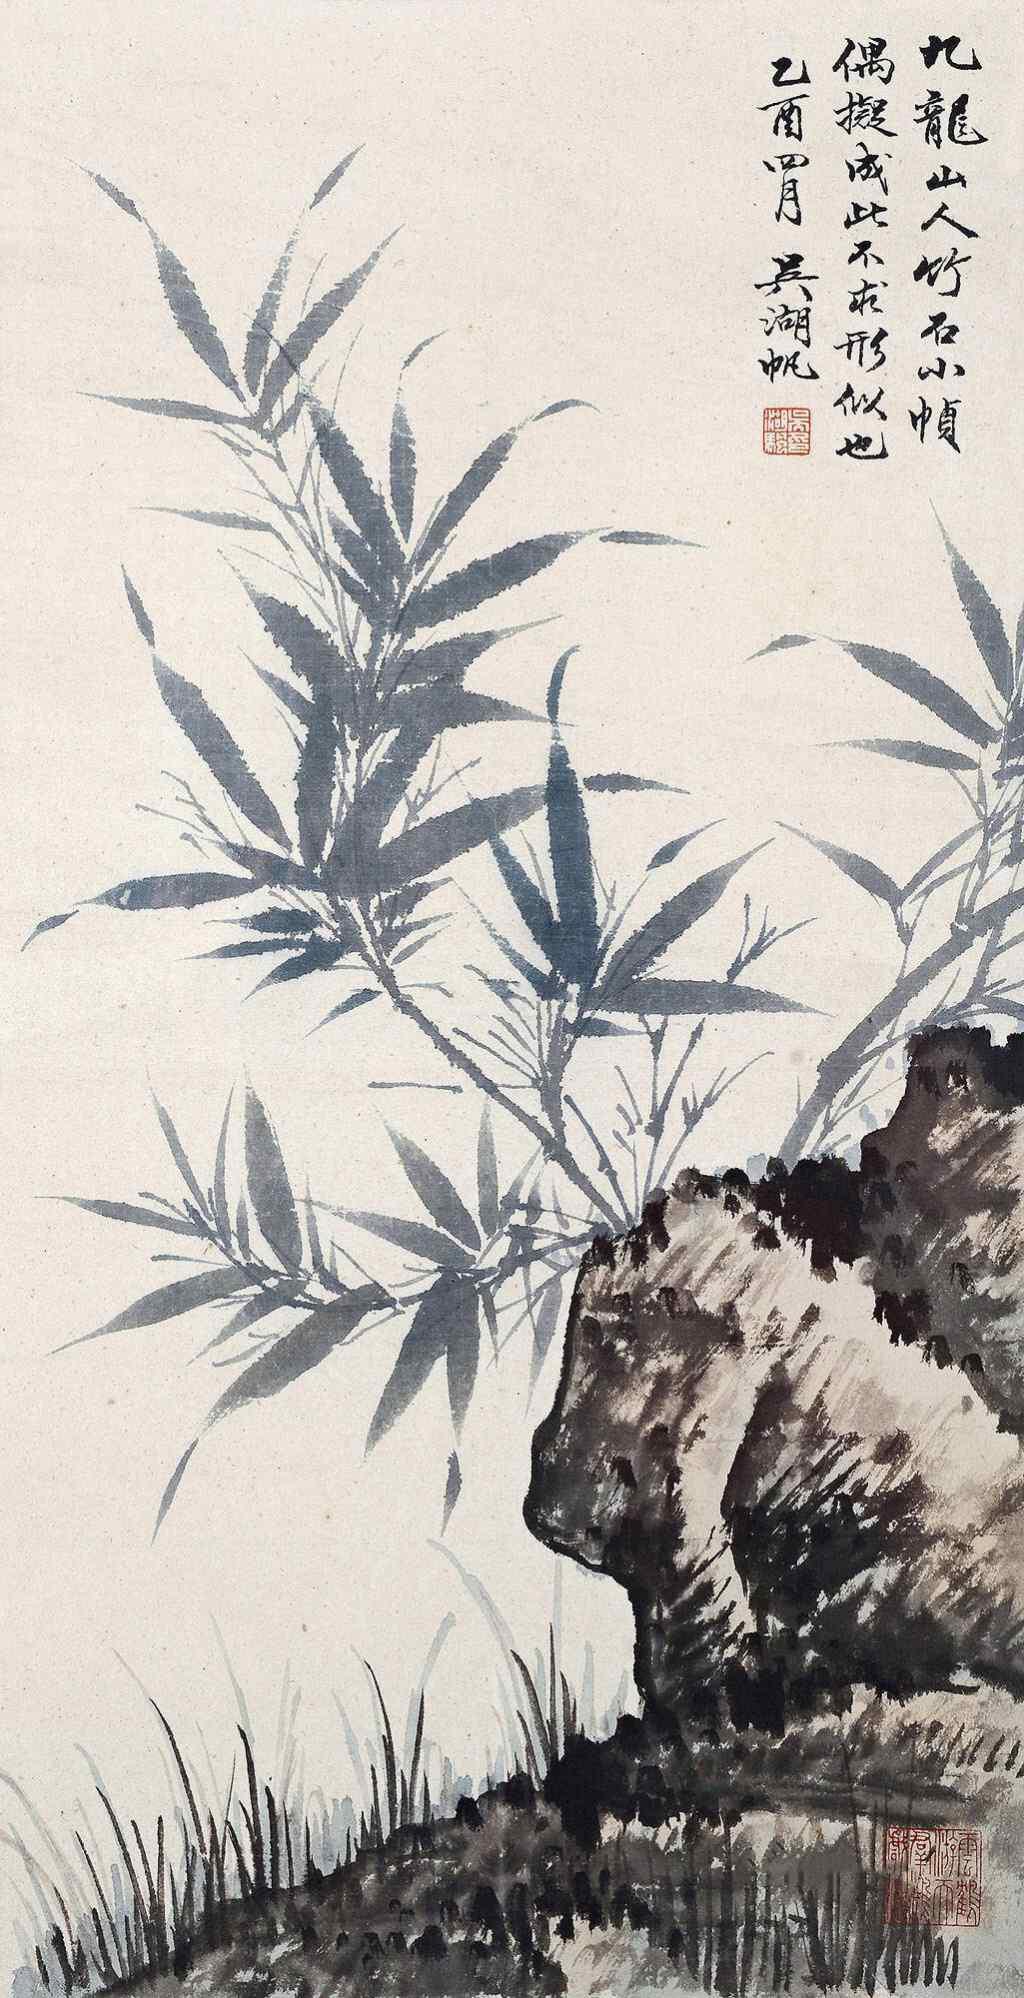 典雅风景水墨画手机壁纸